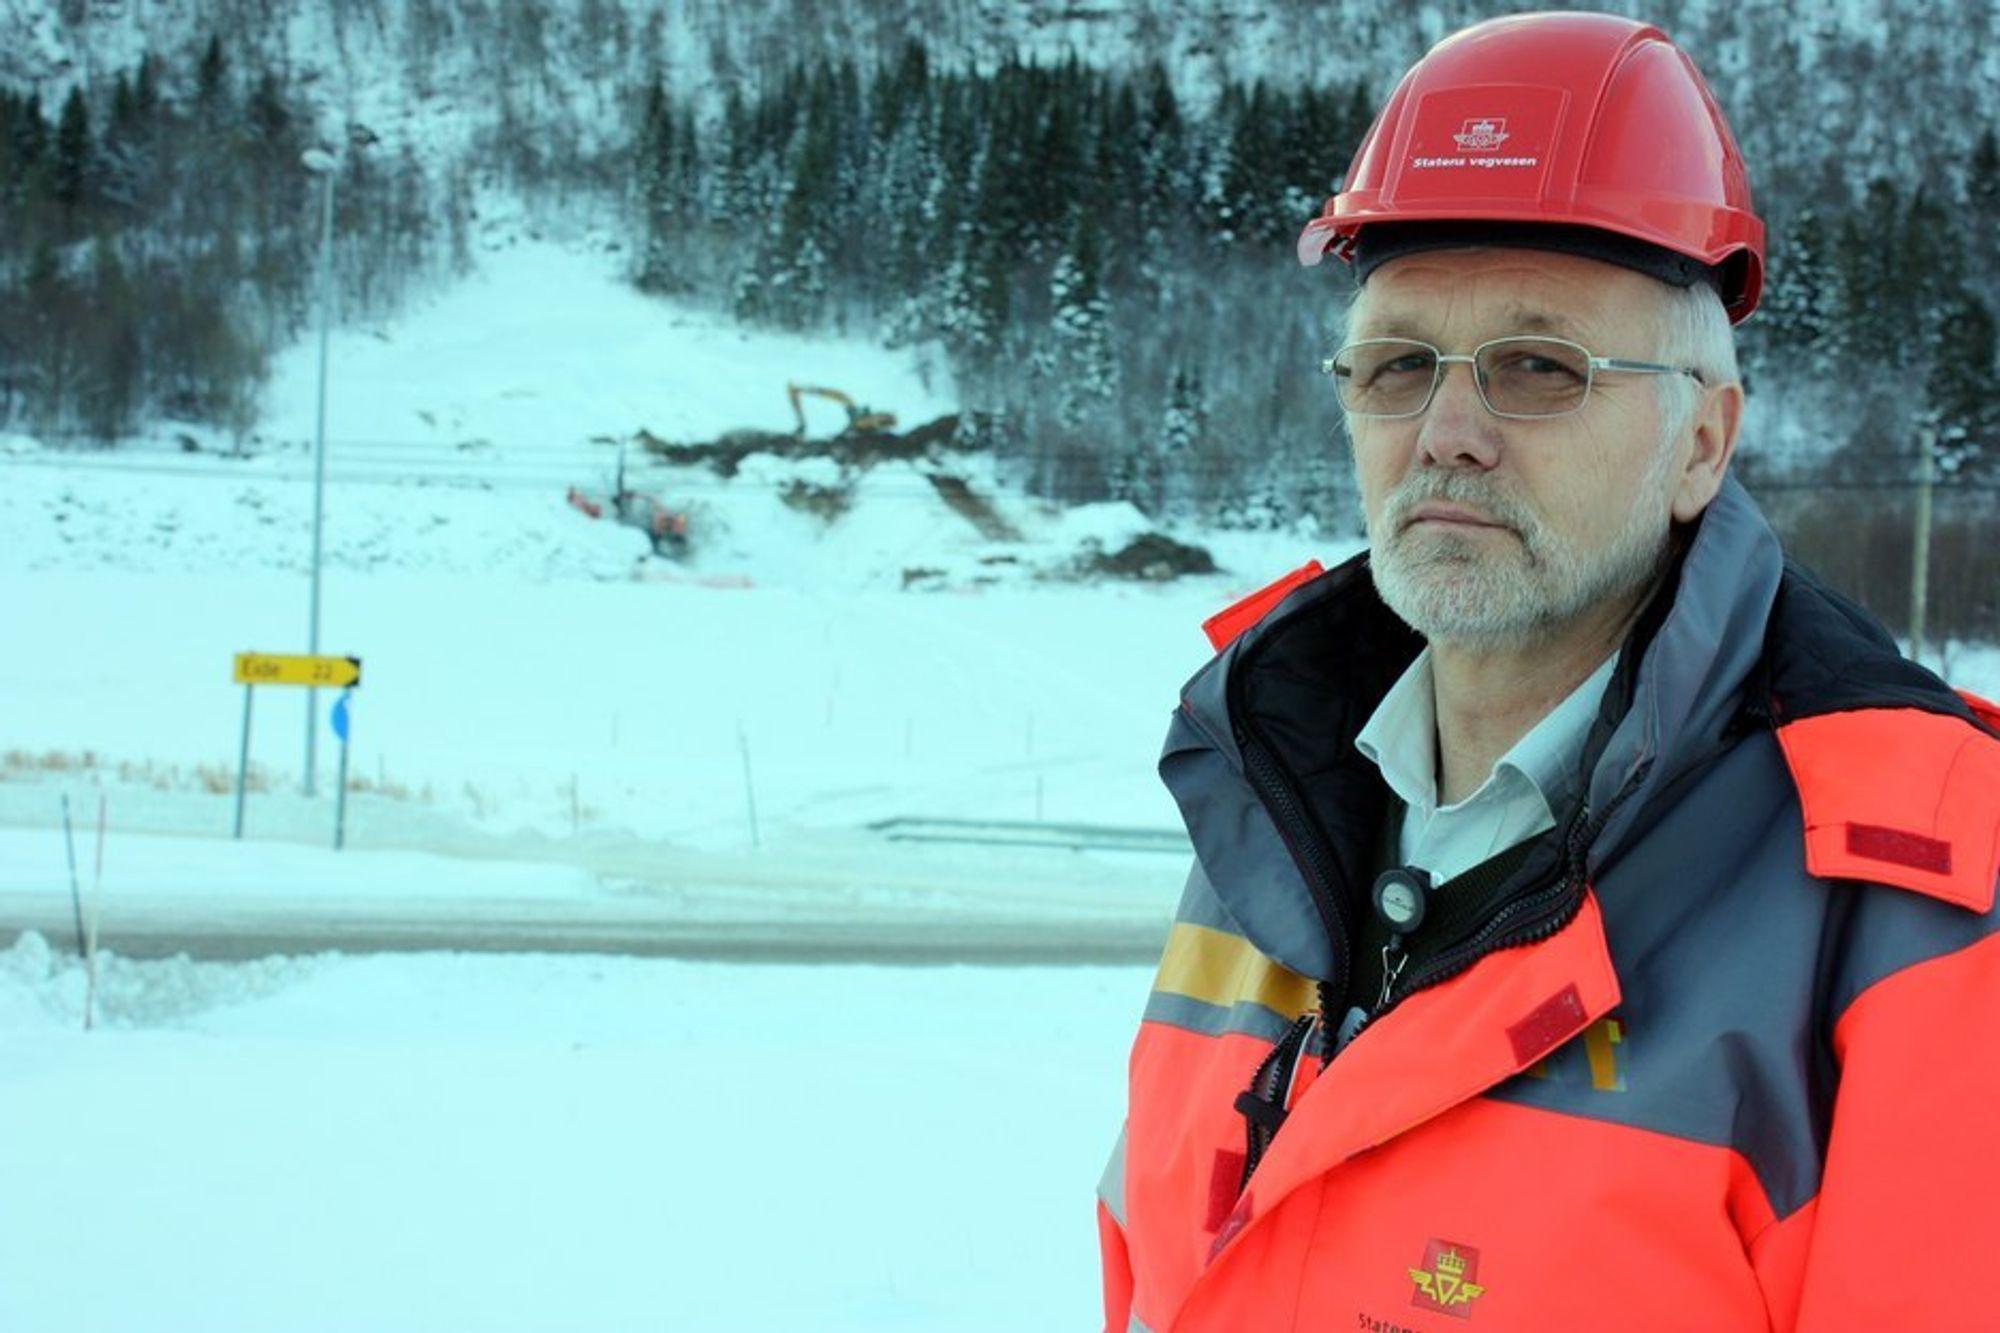 Prosjektleder for Stor-Krifast, Per Bjørn Gjelsten, med kvikkleireområdet i bakgrunnen. Bak kvikkleireområdet arbeides det med innslaget til Høgsettunnelen.